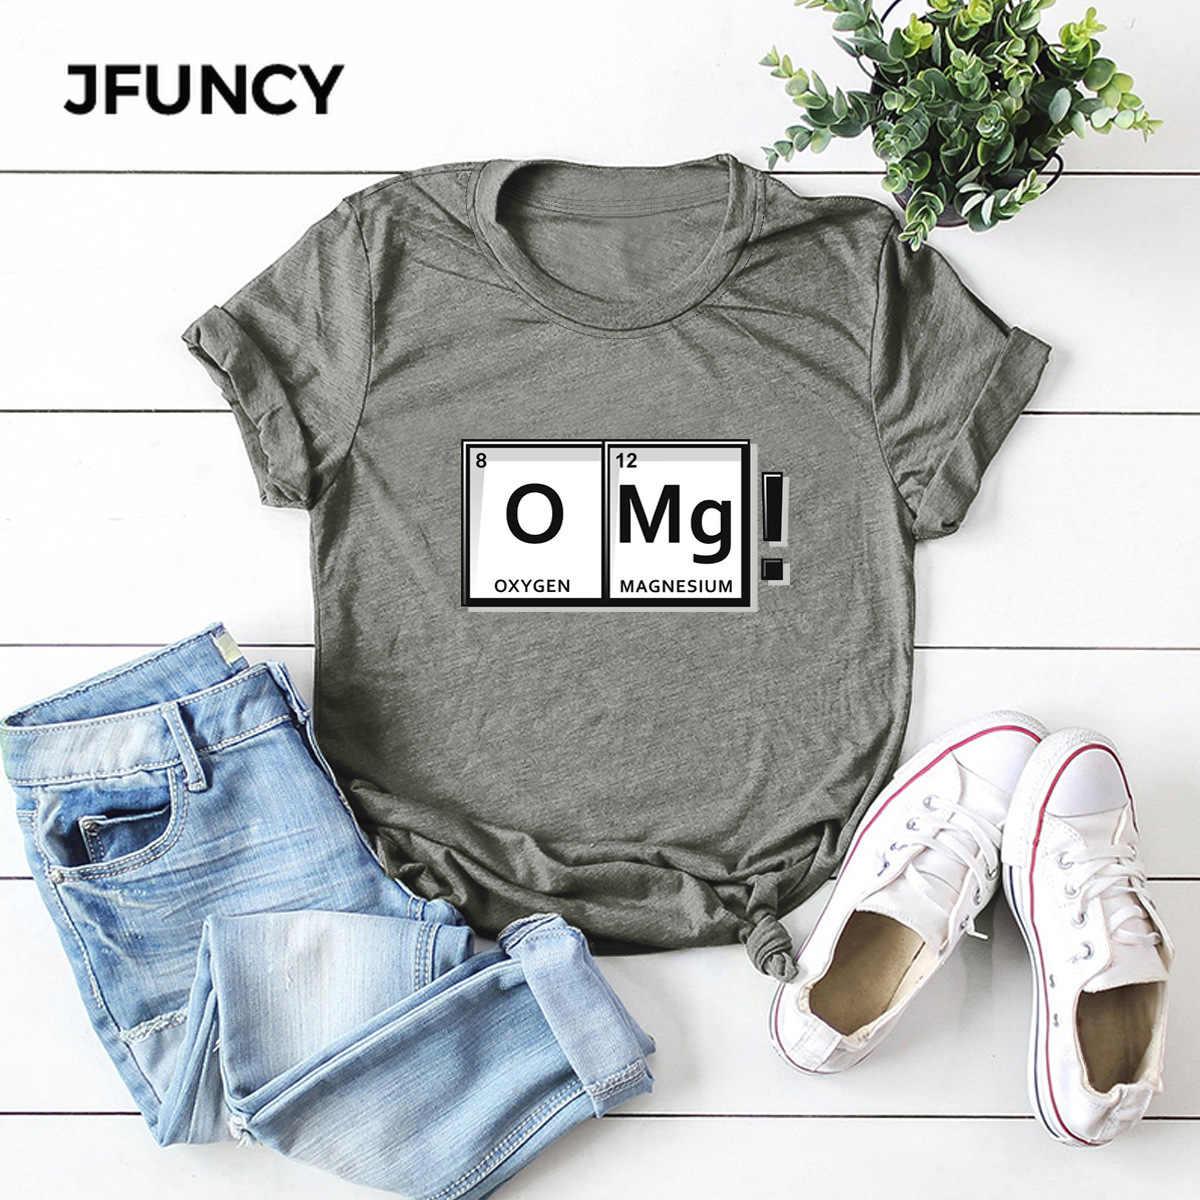 JFUNCY OMG Spaß Chemie Element Periodische Tabelle Graphic Frau T Tops 100% Baumwolle Sommer Weibliche T-shirt Plus Größe Frauen Shirts